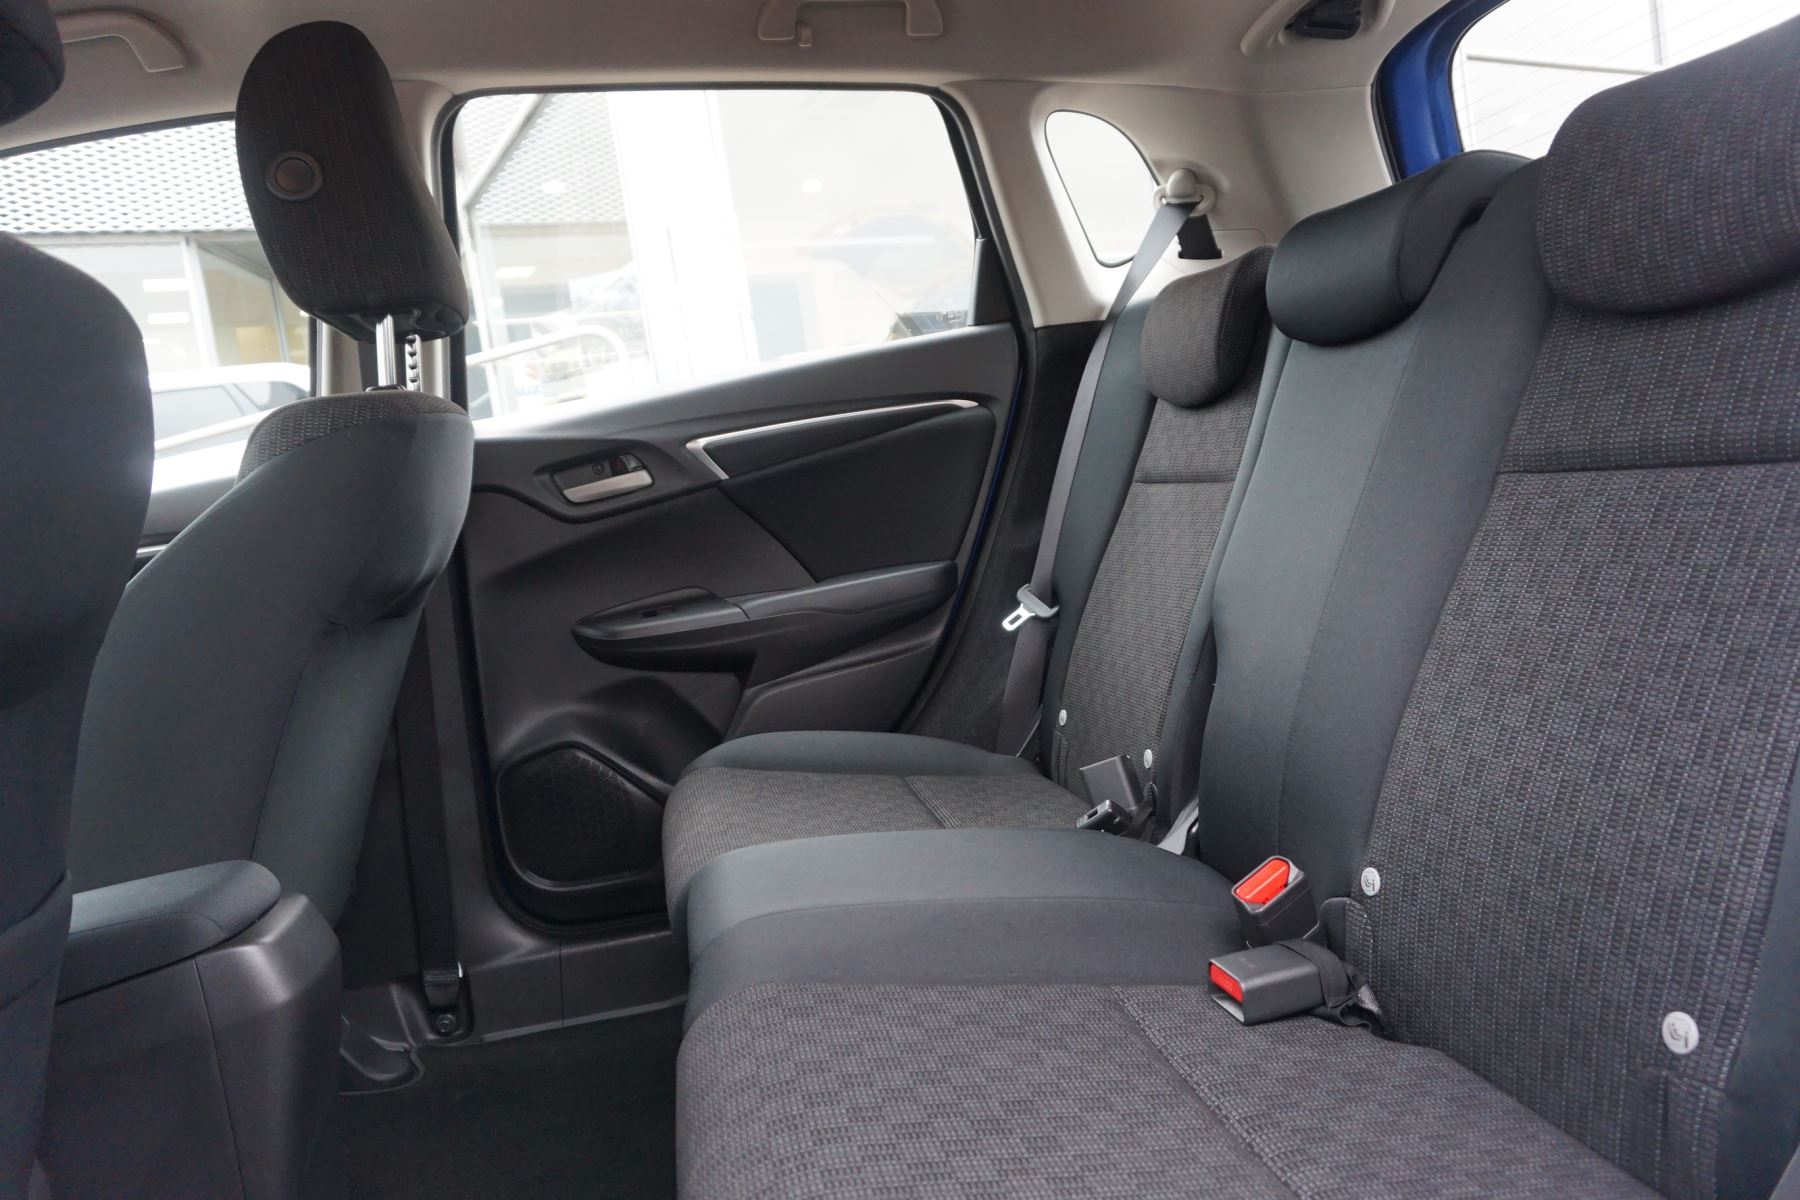 Honda Jazz 1.3 SE Navi CVT image 9